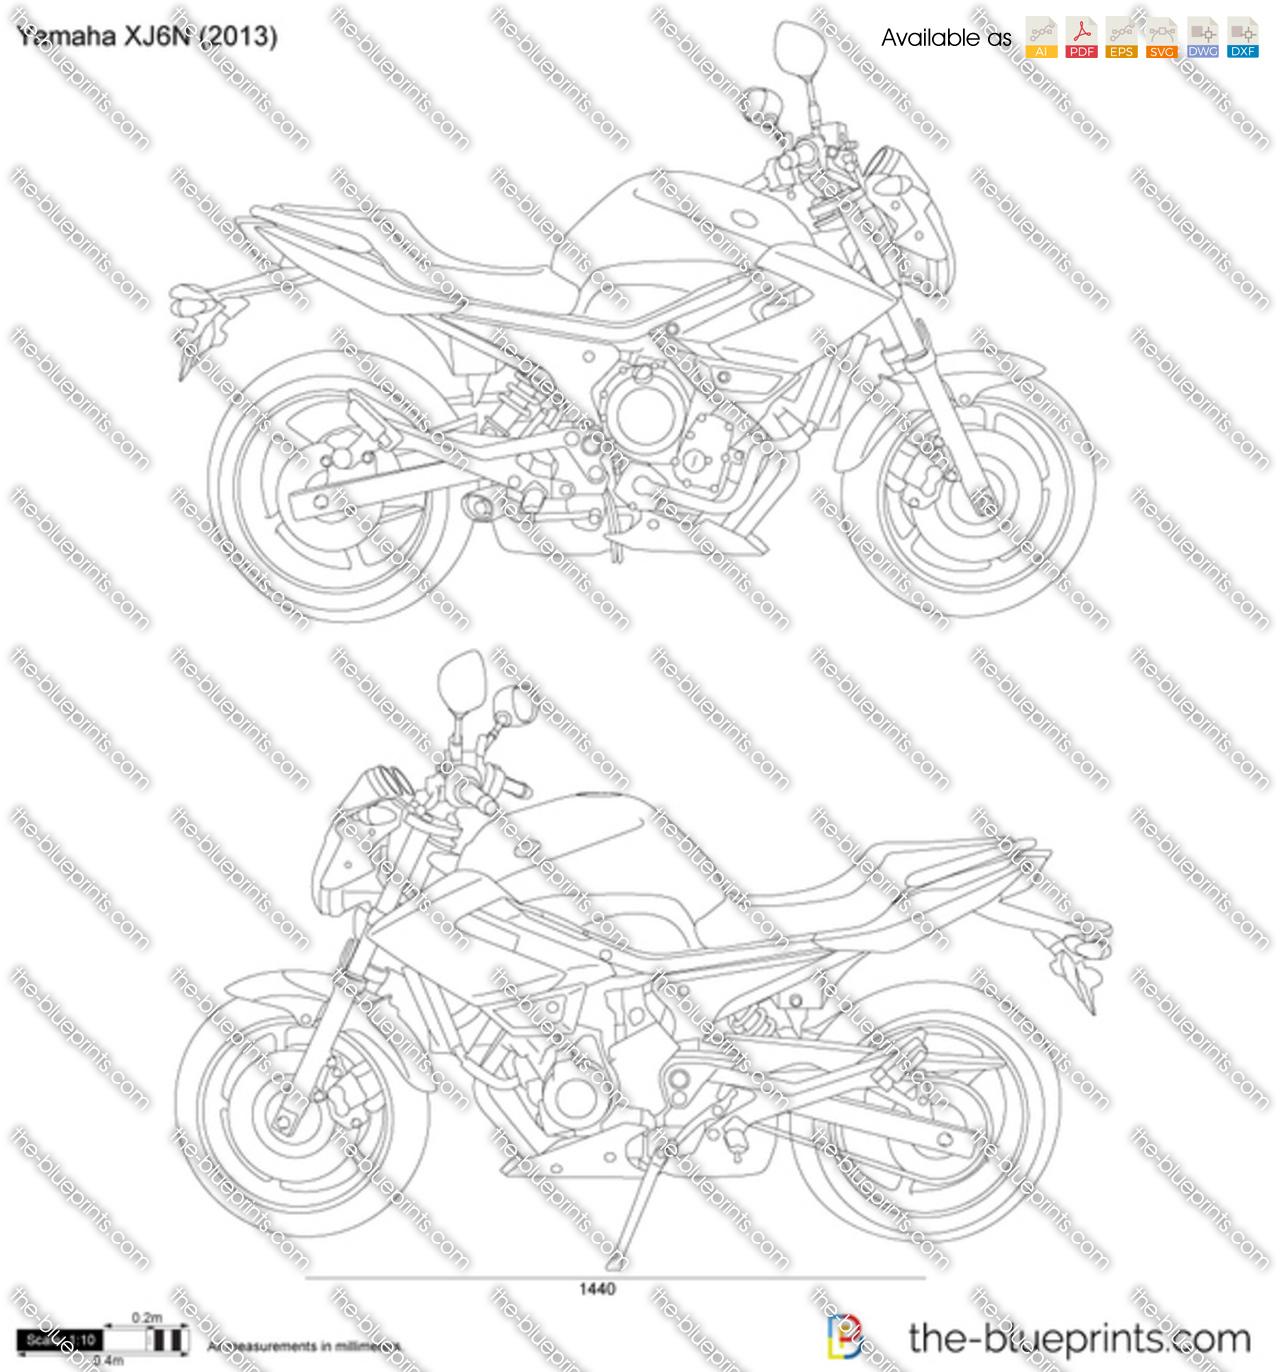 Yamaha XJ6N vector drawing